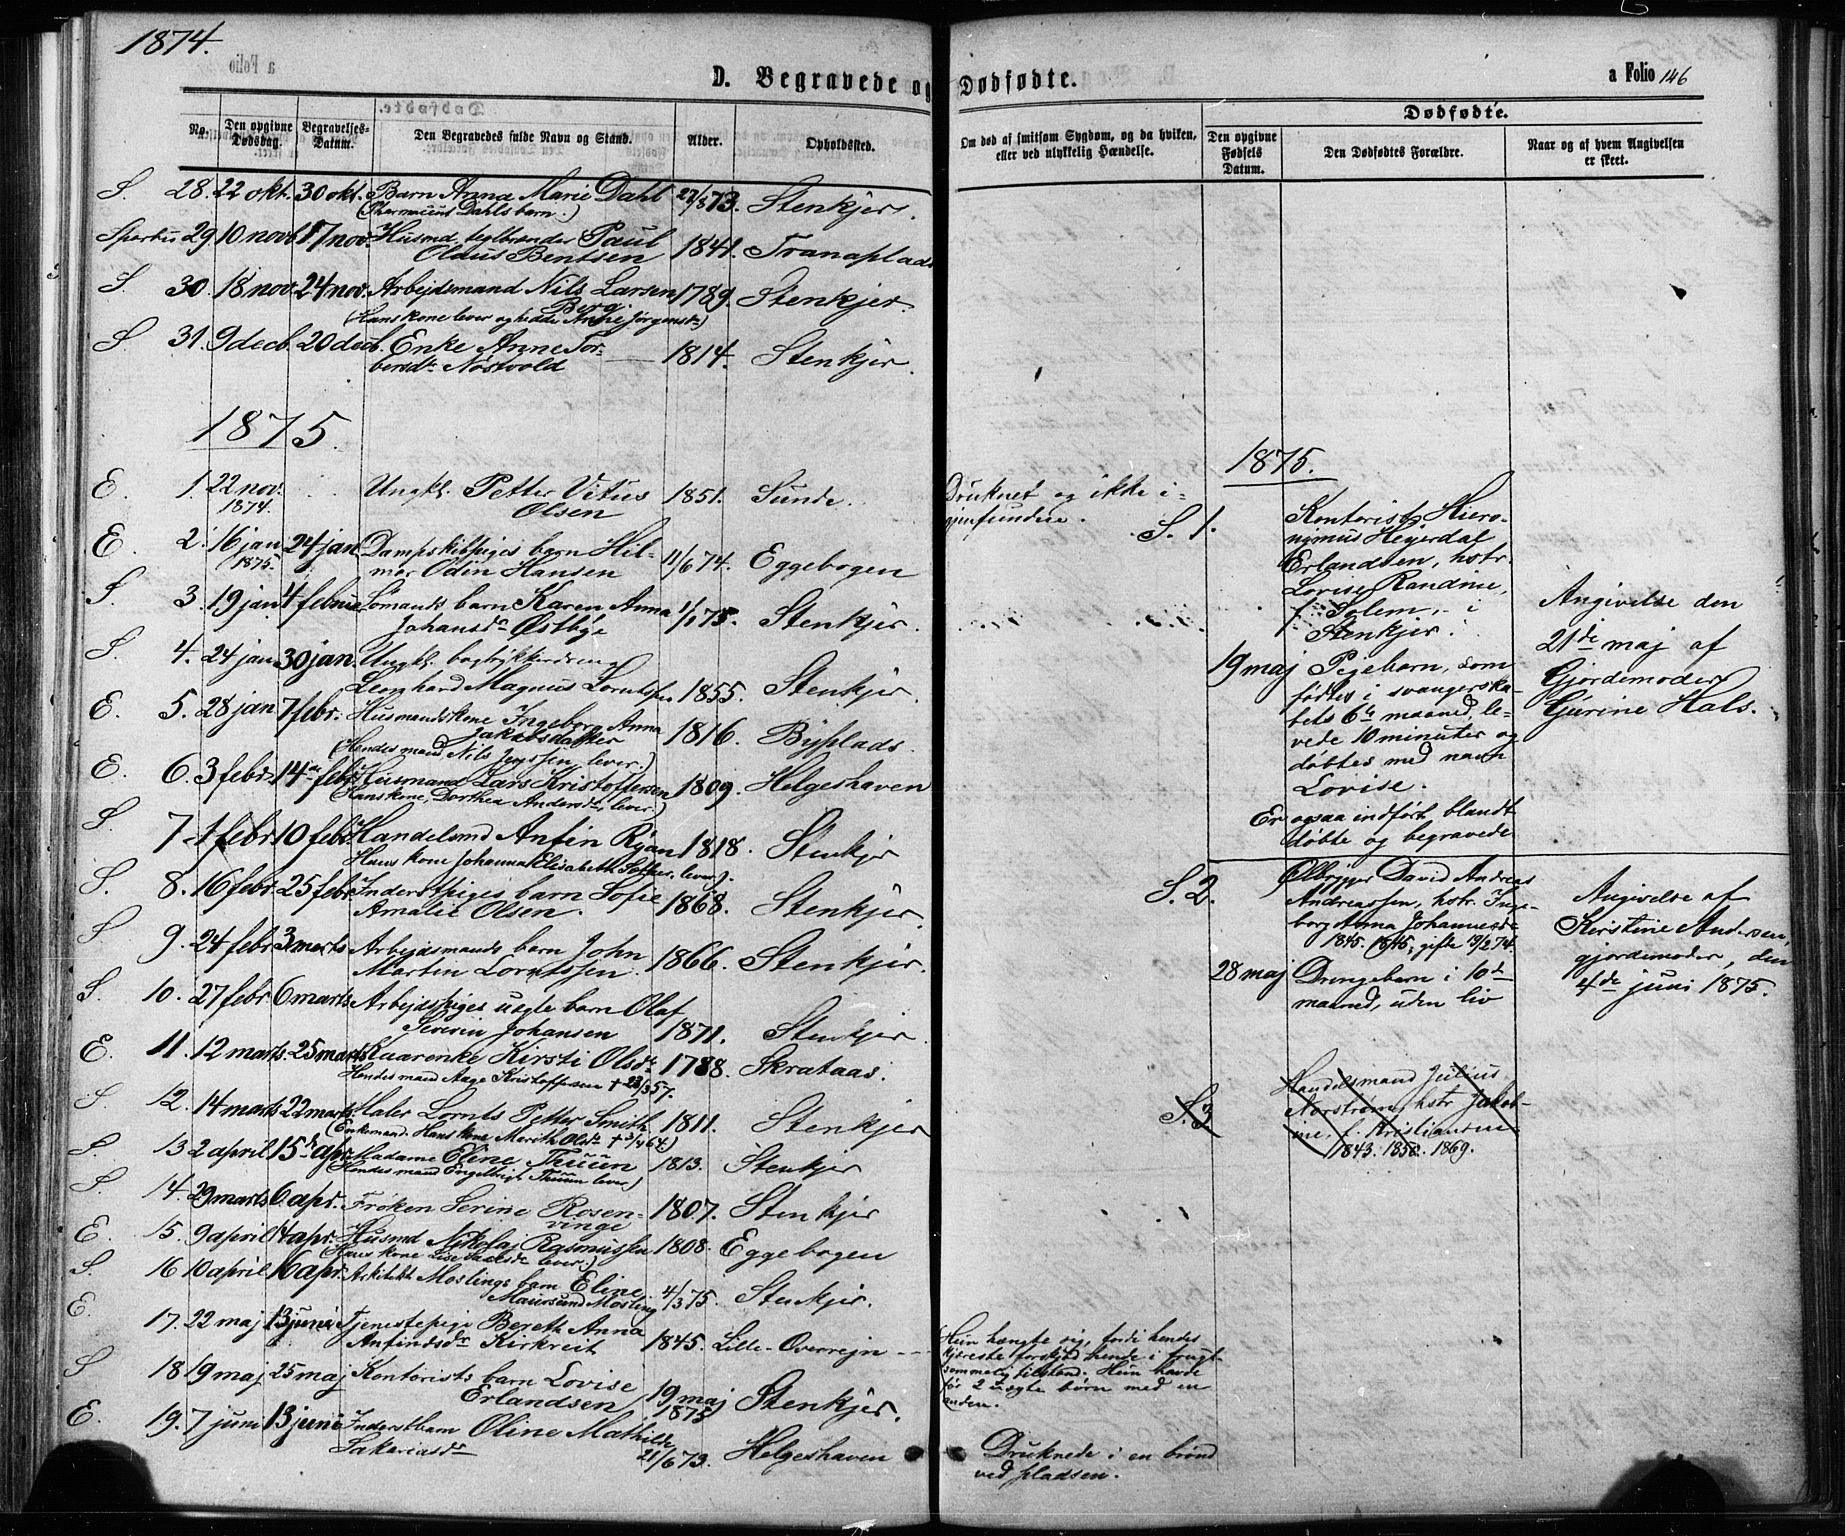 SAT, Ministerialprotokoller, klokkerbøker og fødselsregistre - Nord-Trøndelag, 739/L0370: Ministerialbok nr. 739A02, 1868-1881, s. 146